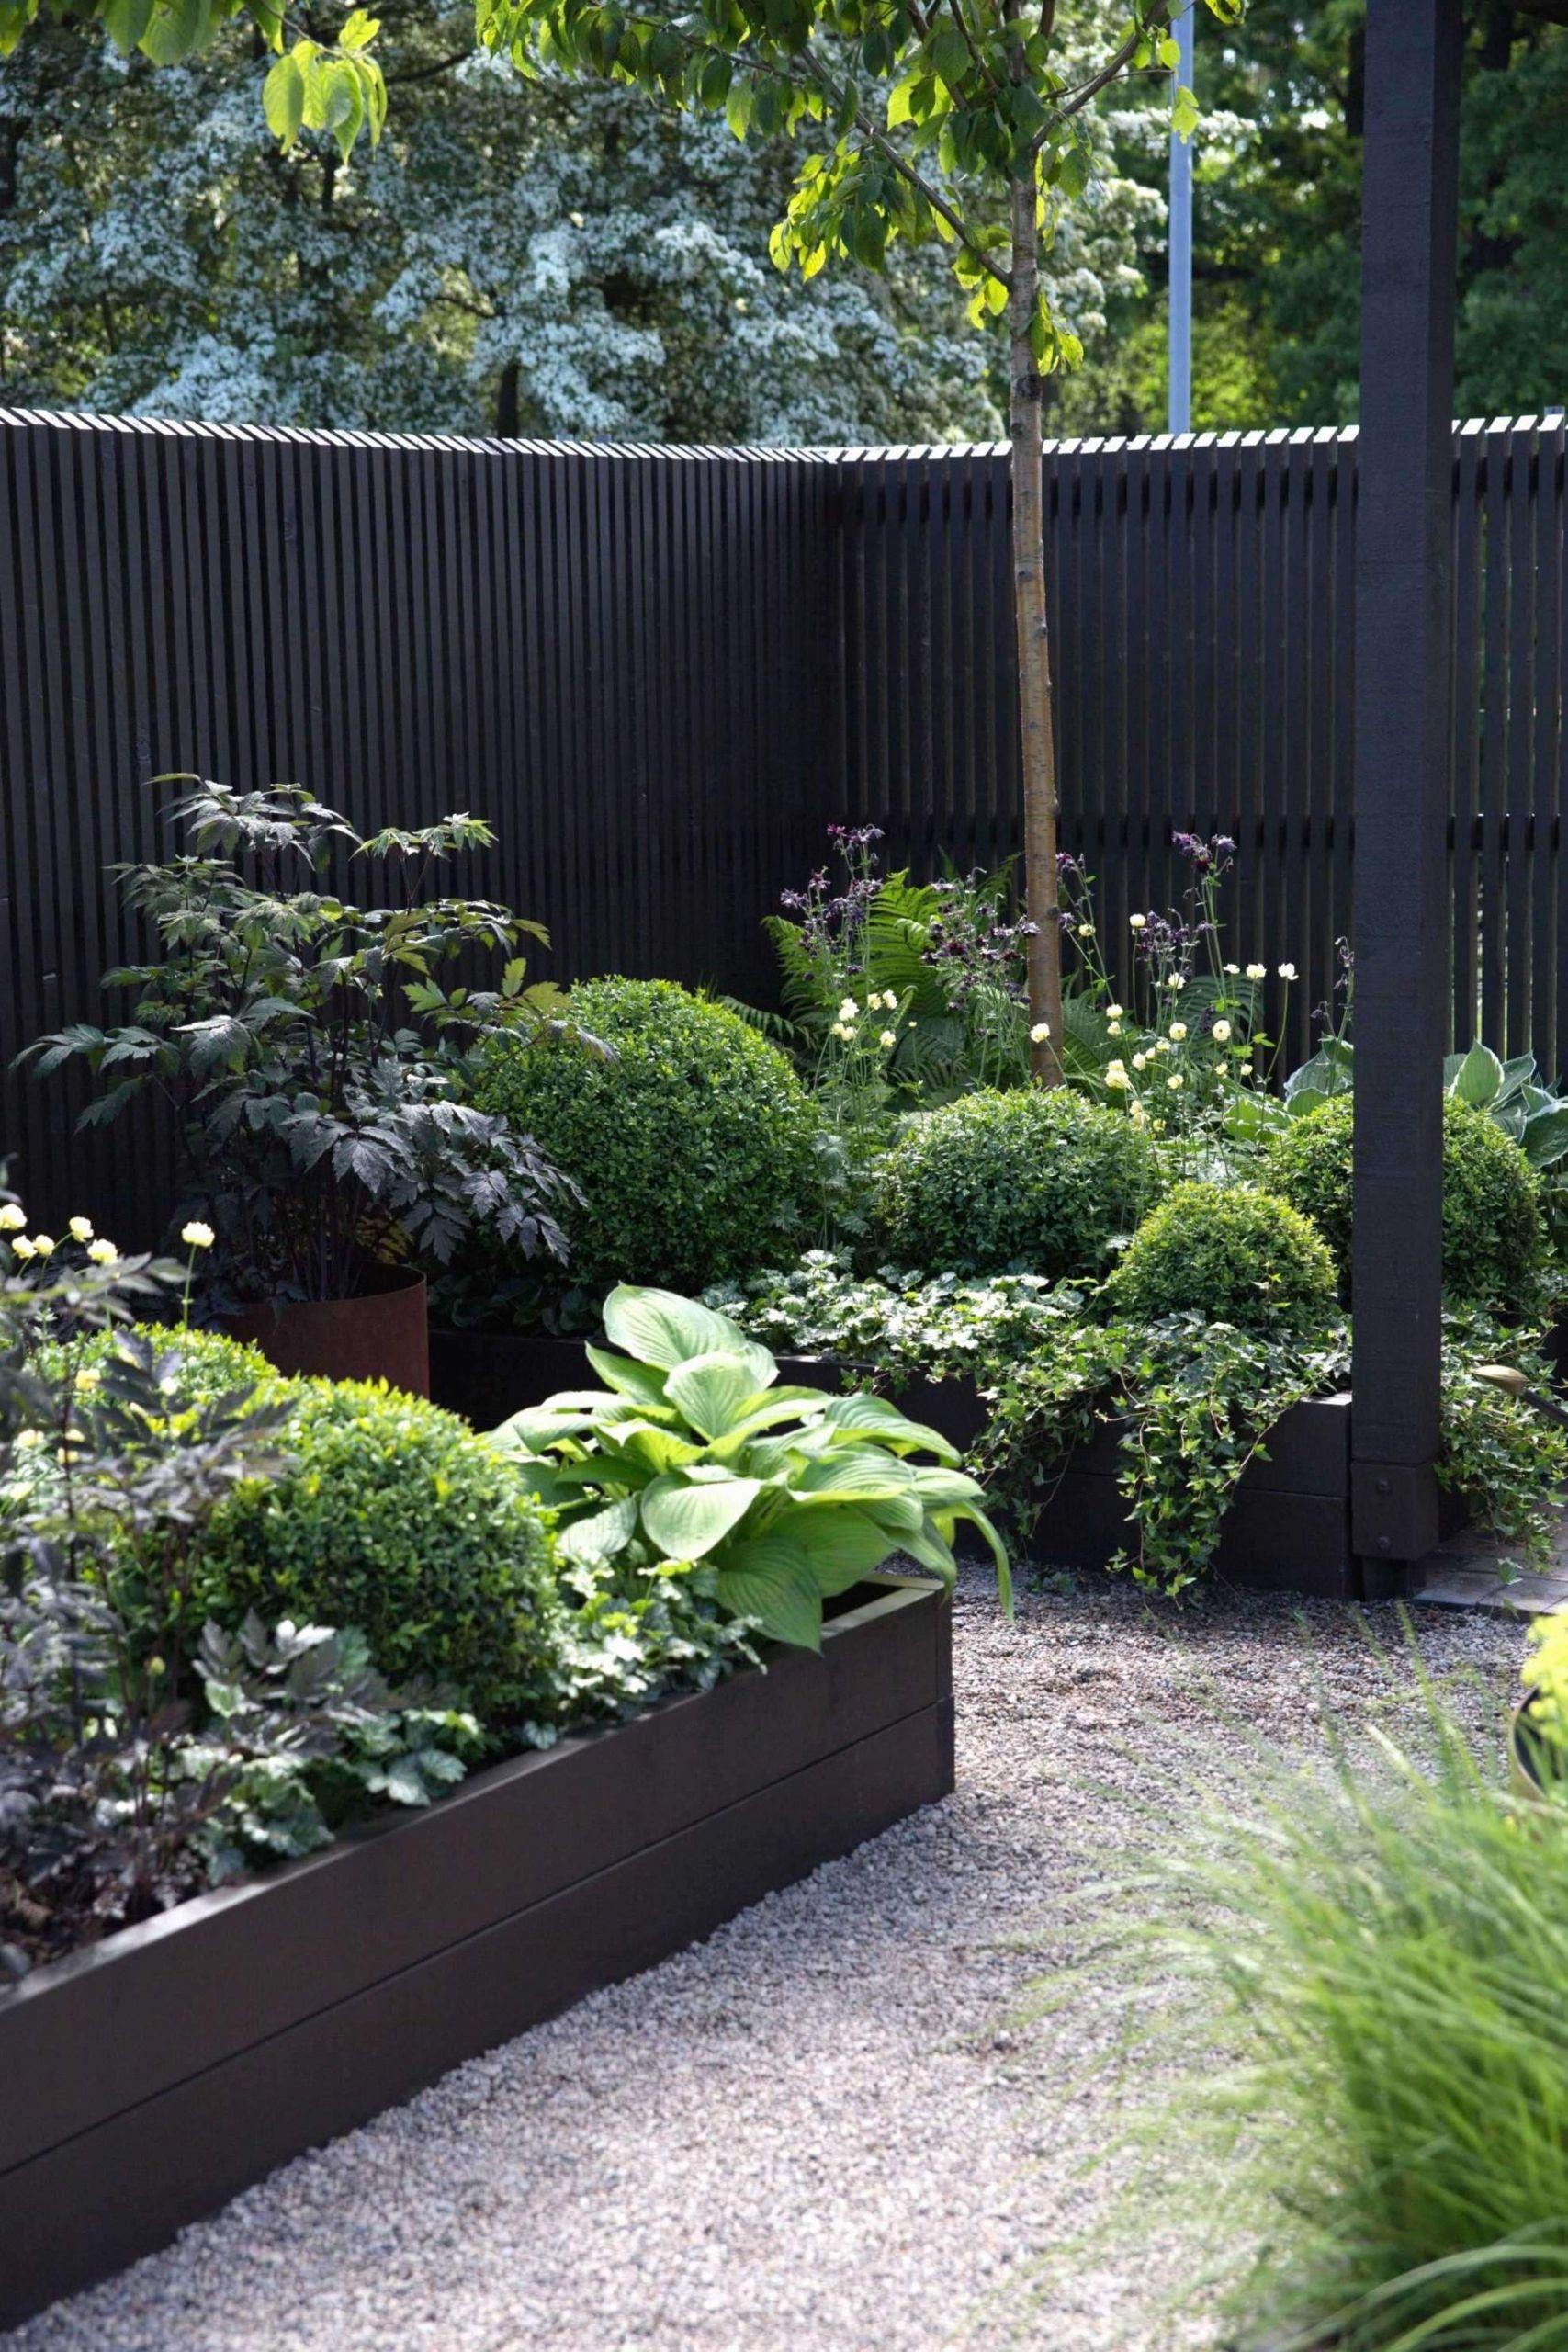 Solaranlage Für Garten Neu Winterharte Gräser Garten — Temobardz Home Blog